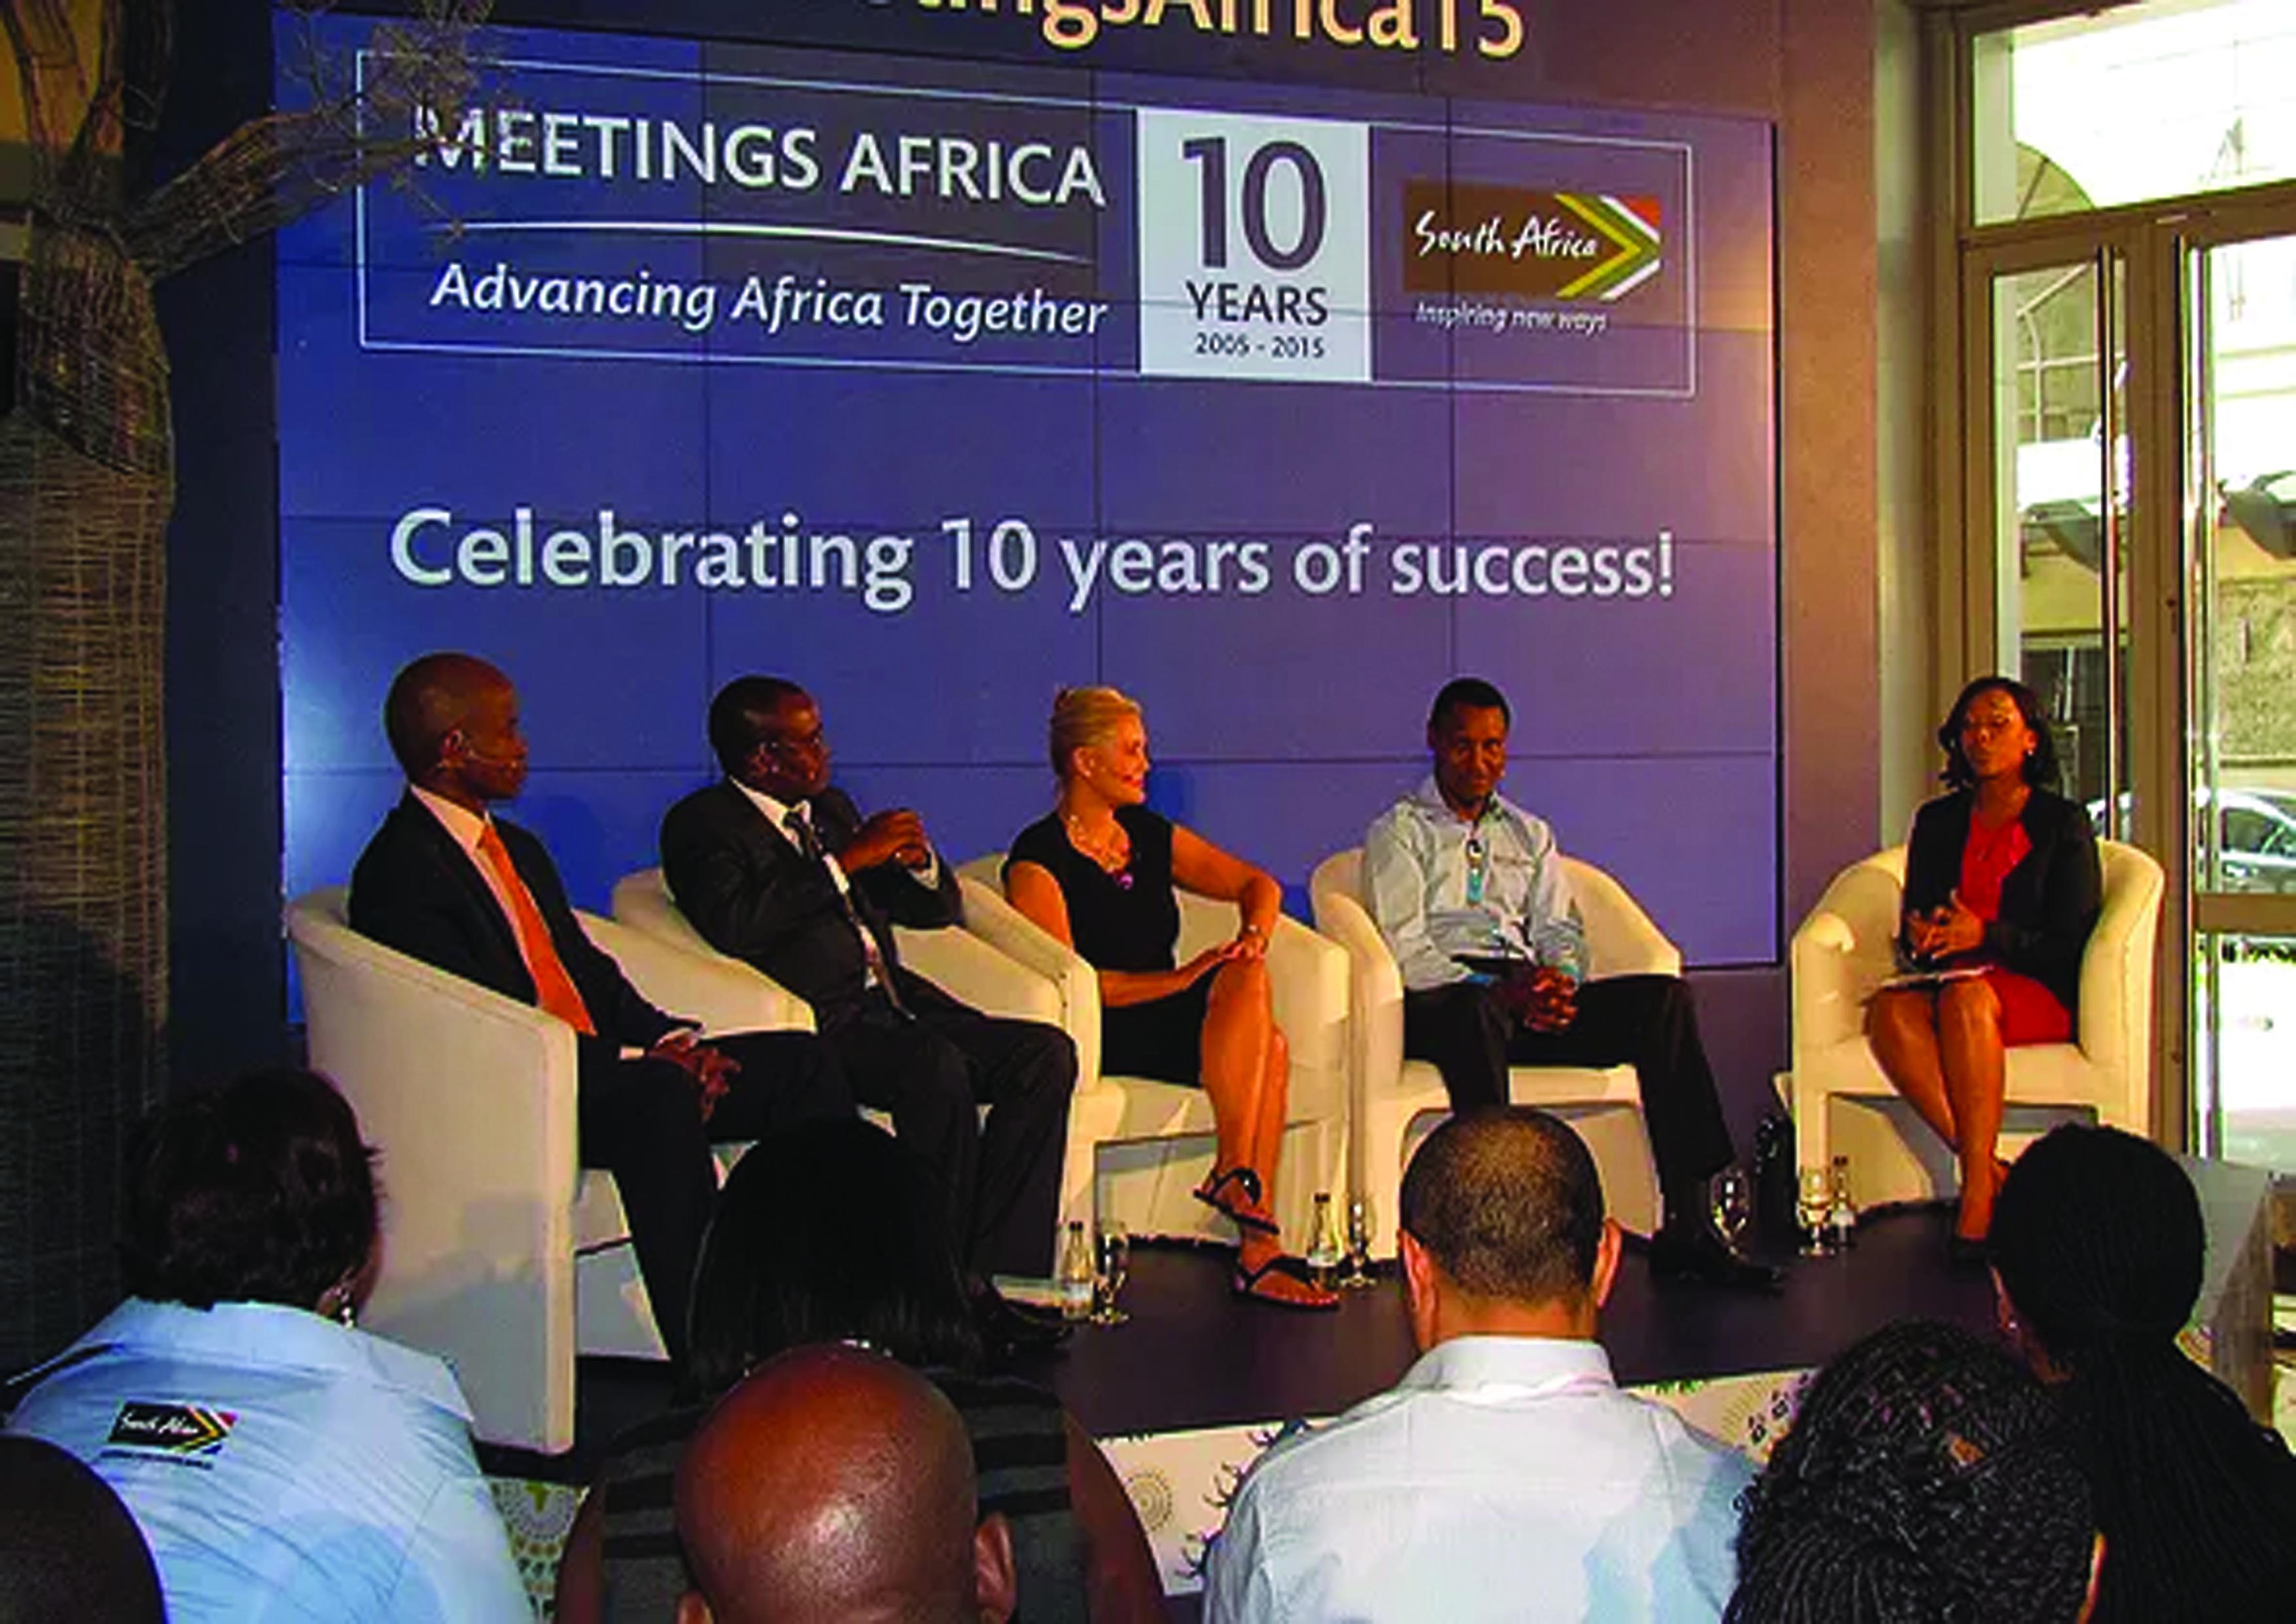 Speakers at last year Meetings Africa held in Johannesburg, South Africa. Meetings Africa 2015 was a celebration of 10 years of success.